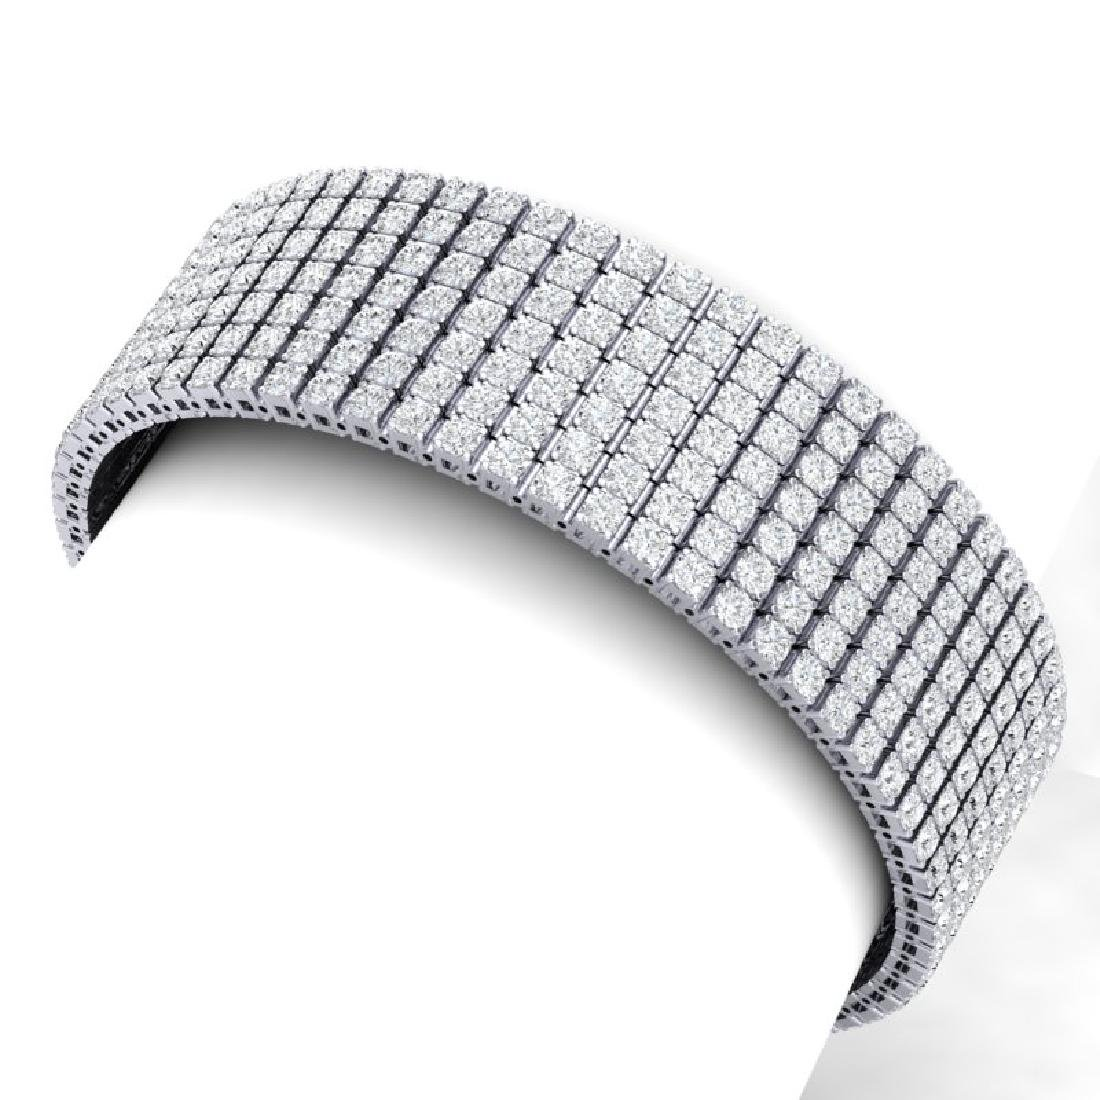 30 CTW Certified VS/SI Diamond Bracelet 18K White Gold